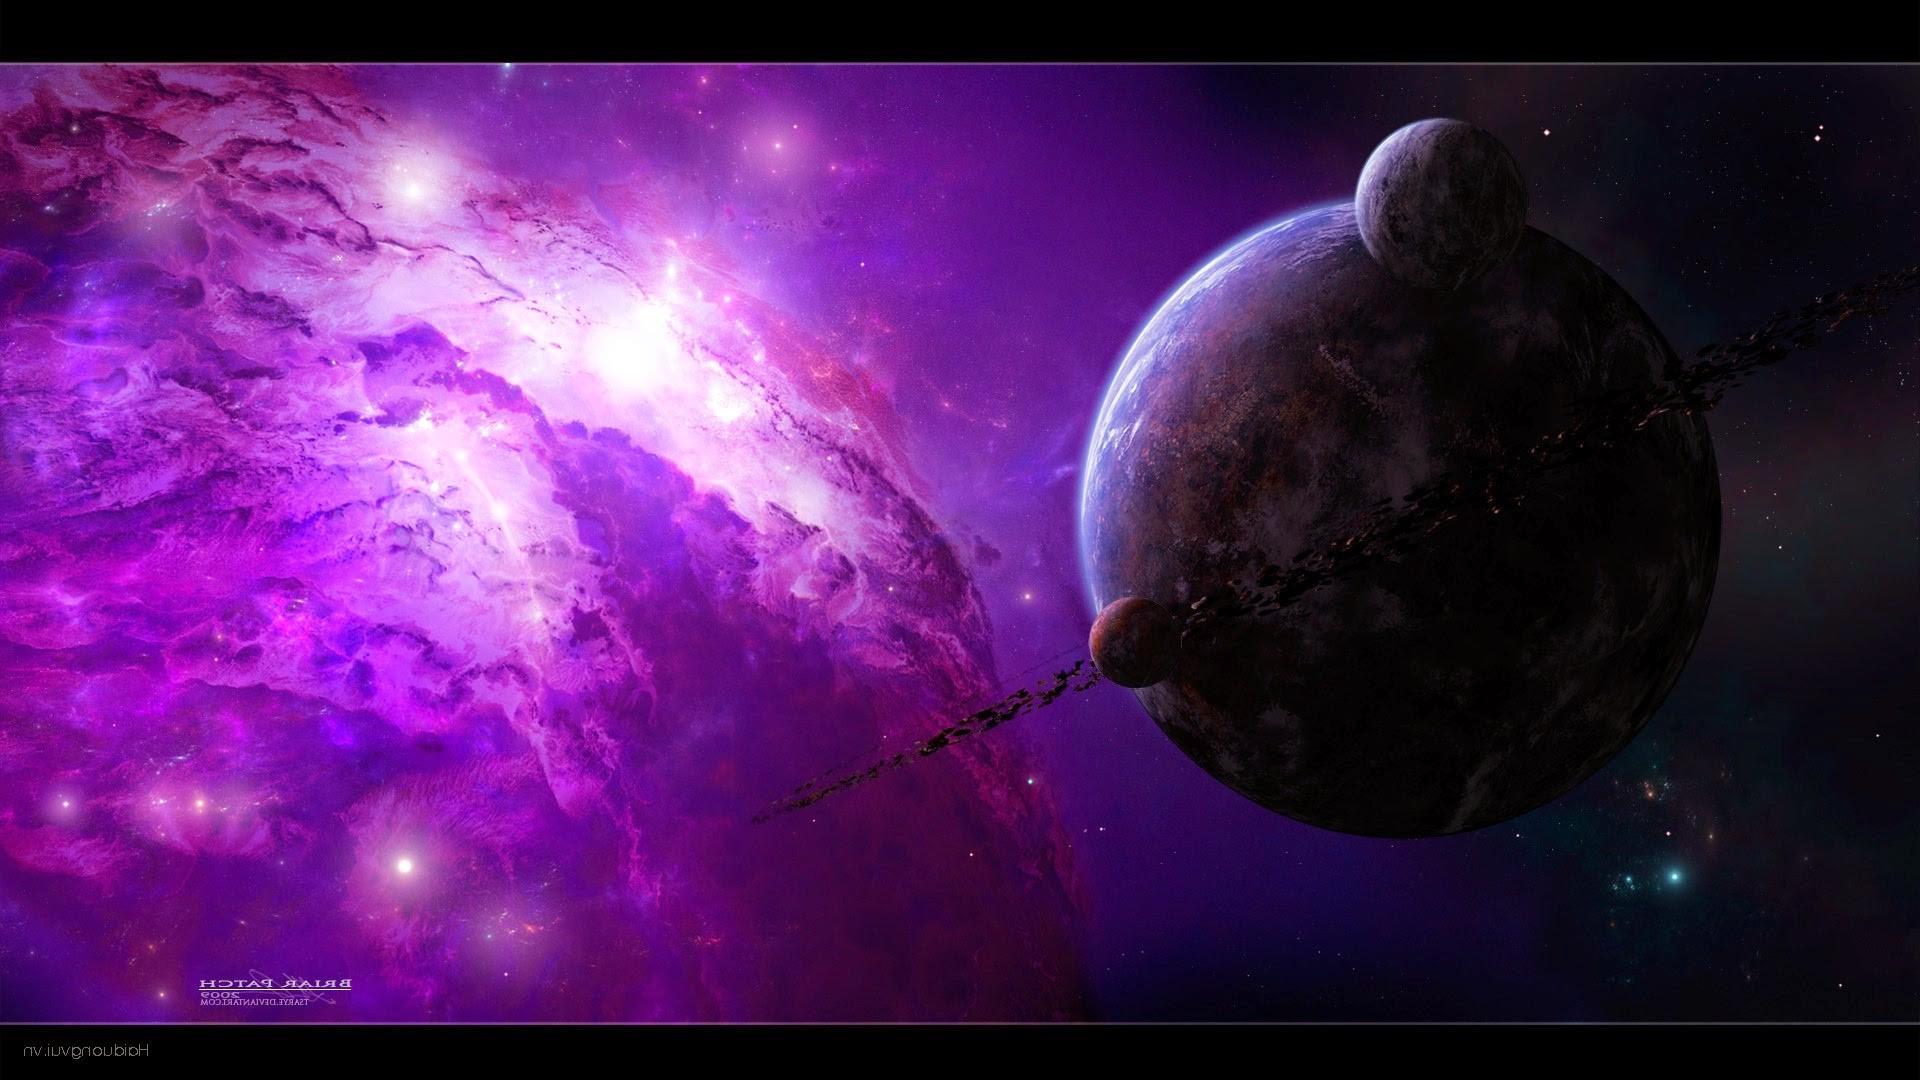 Wallpaper : 1920x1080 Px, Nebula, Planet, Purple, Space